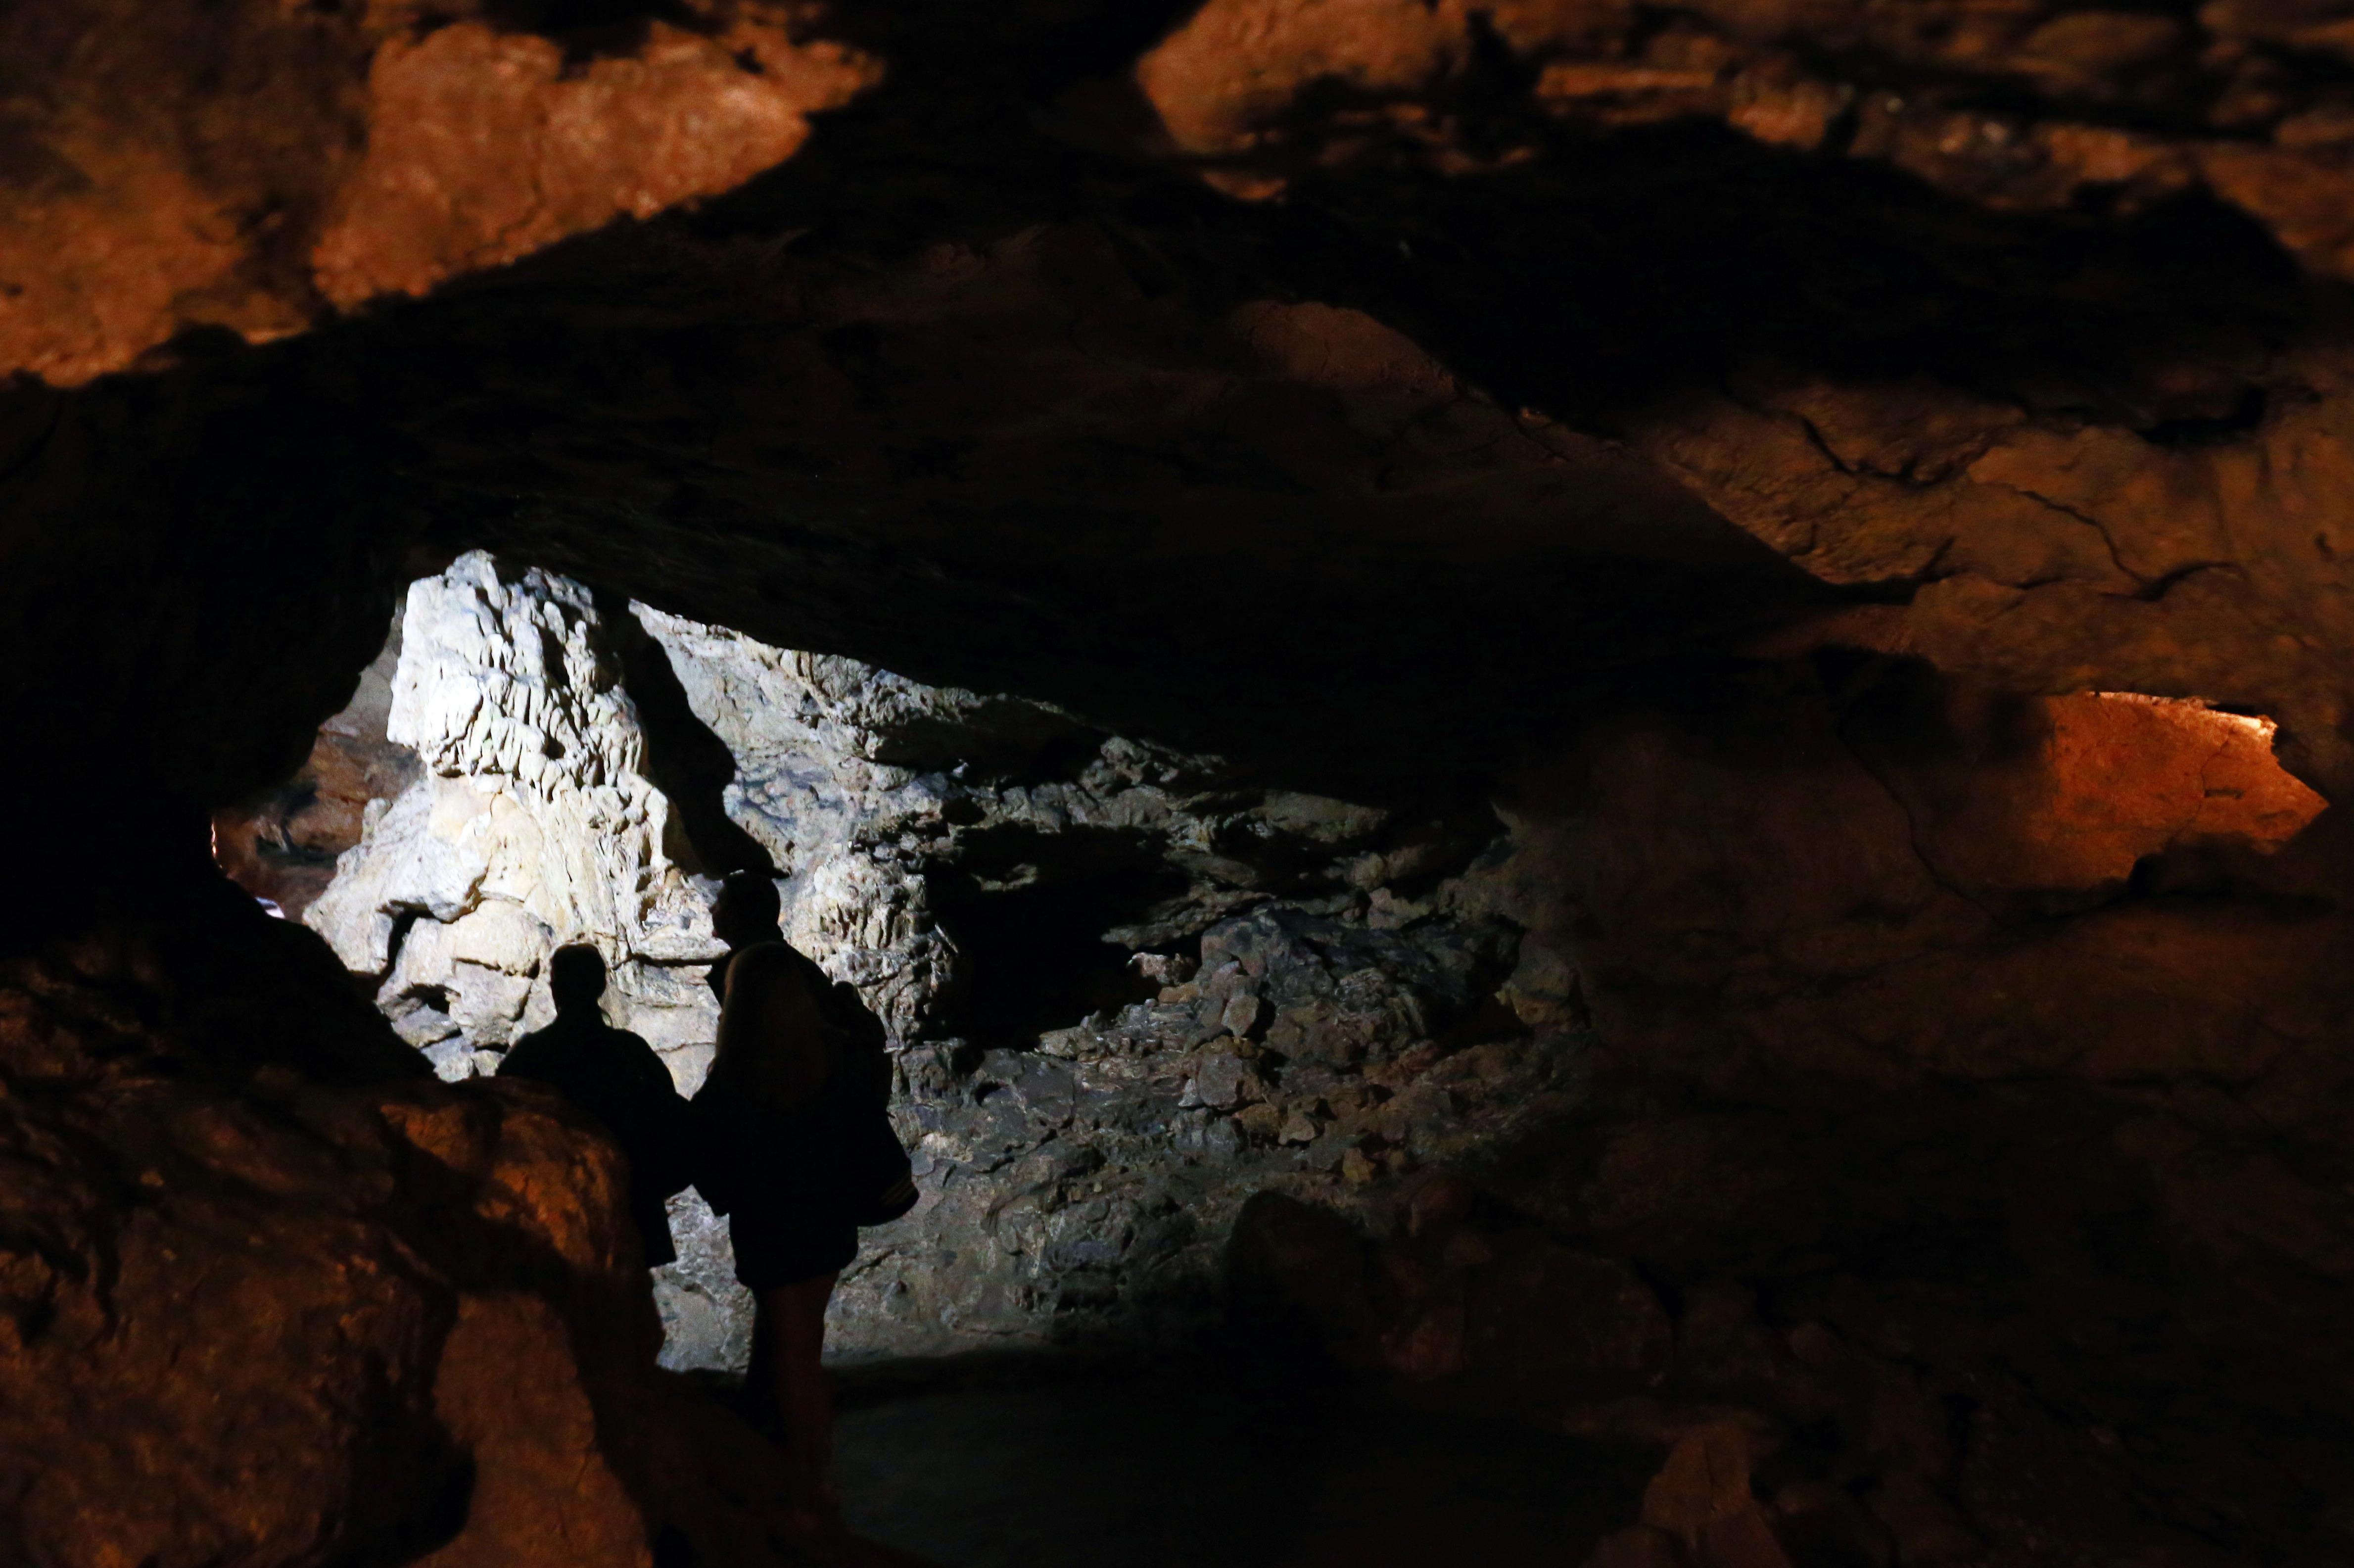 Спелеологи предложили открыть пещеры Кабардино-Балкарии для туристов